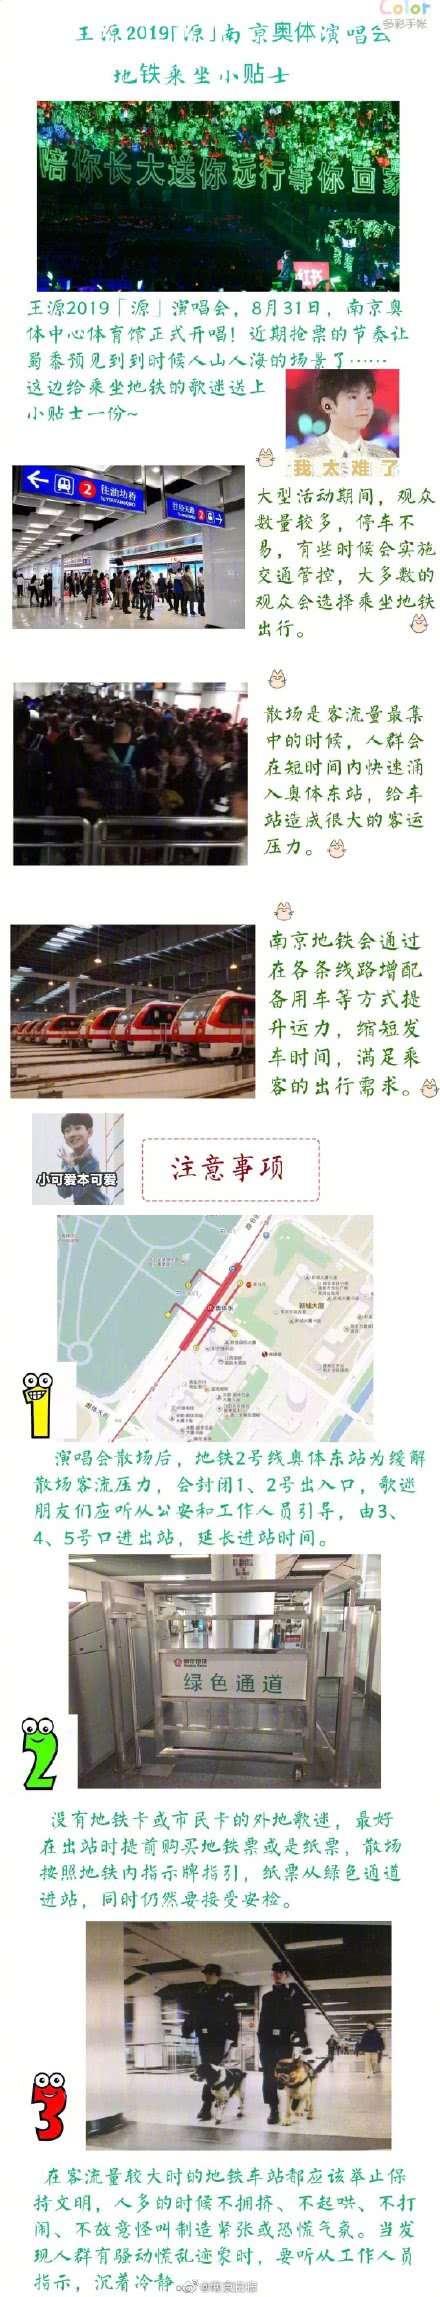 王源南京演唱会乘地铁攻略